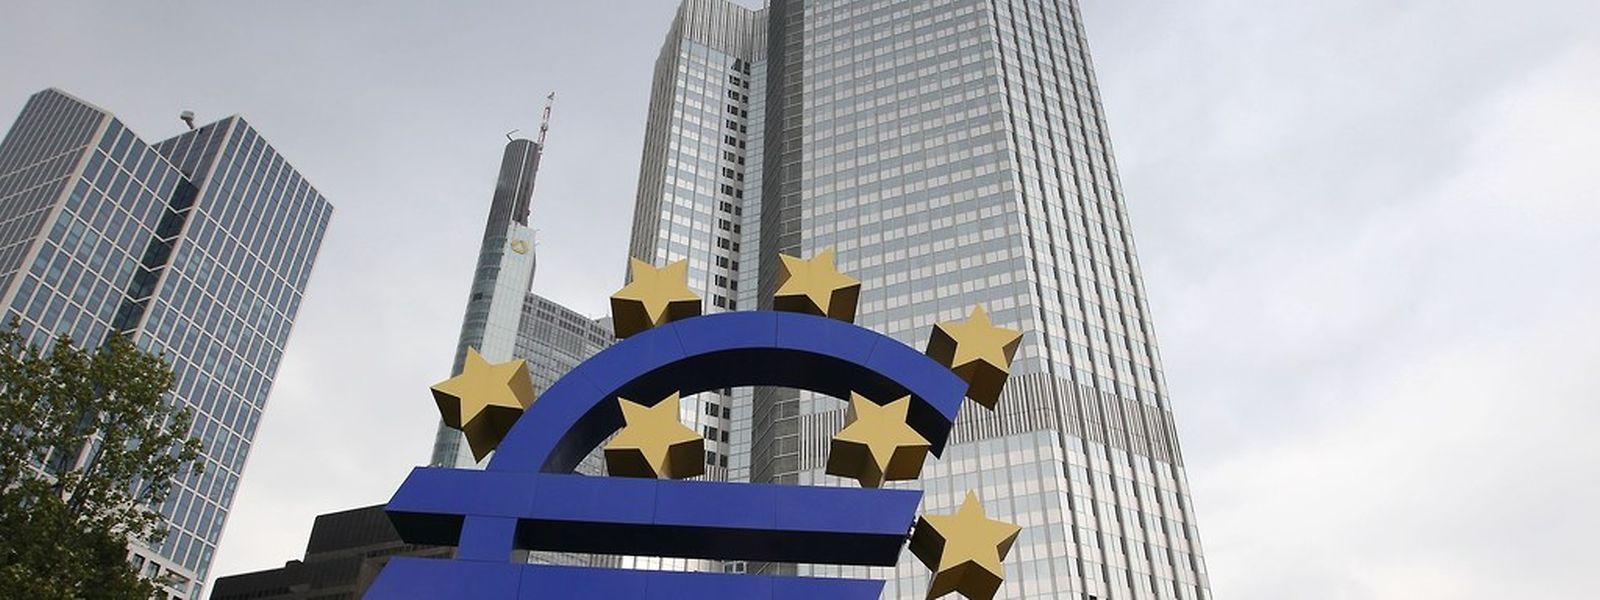 La croissance de la zone euro a été revue à la baisse de 1,2% à 0,8% pour 2014.